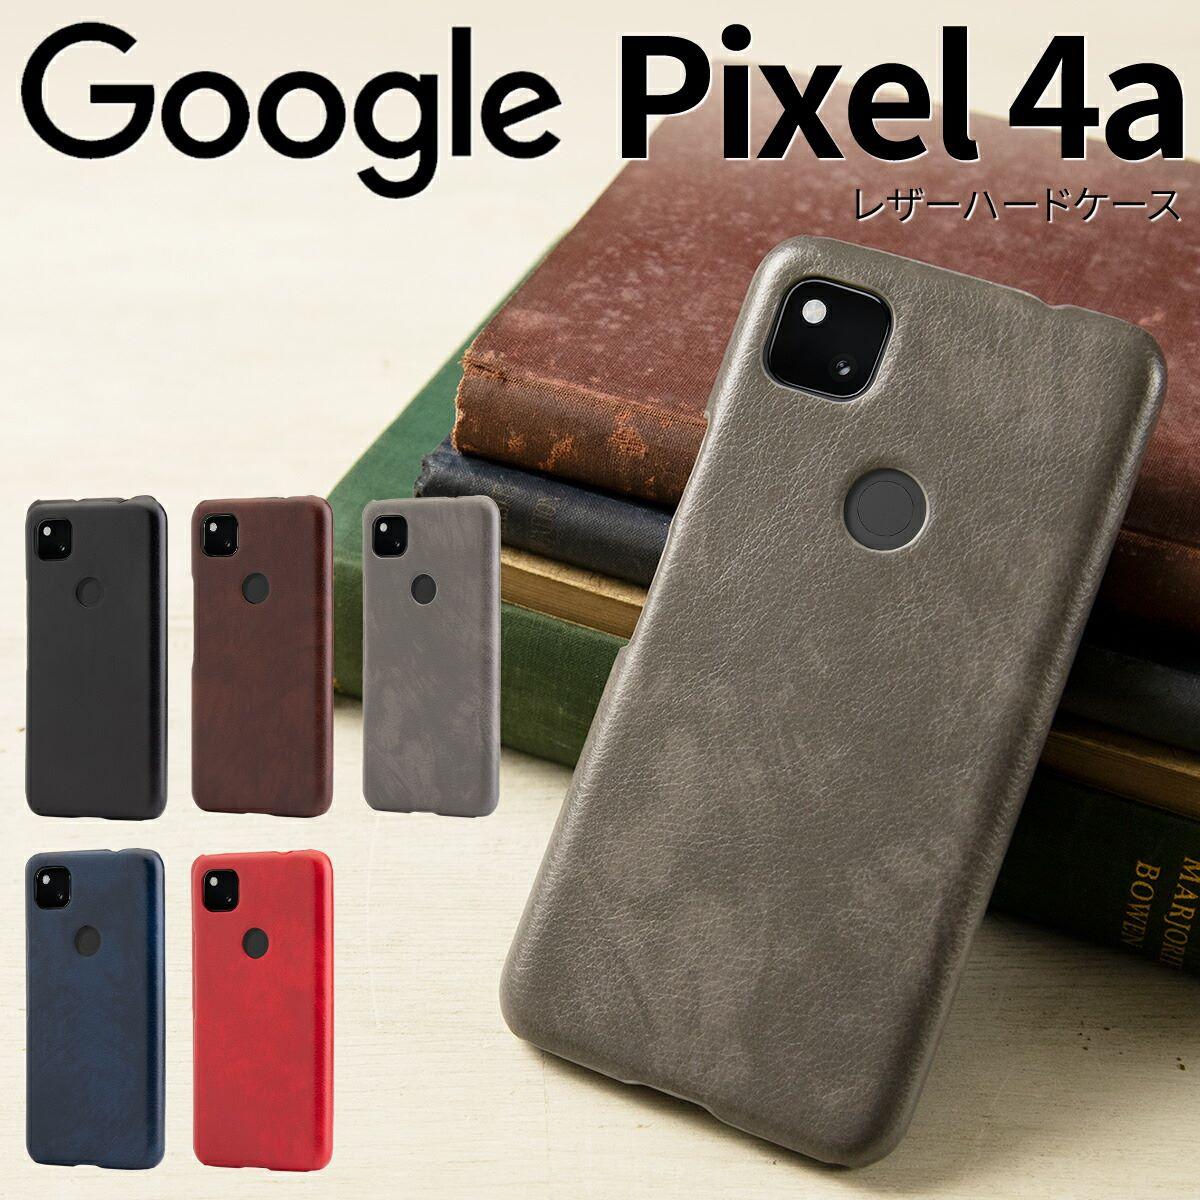 メール便送料無料 Pixel 4a レザーハードケース 受賞店 ケース カバー スマホ 合革 スマホケース 驚きの価格が実現 韓国 おすすめ かっこいい ピクセル Google おしゃれ グーグル 人気